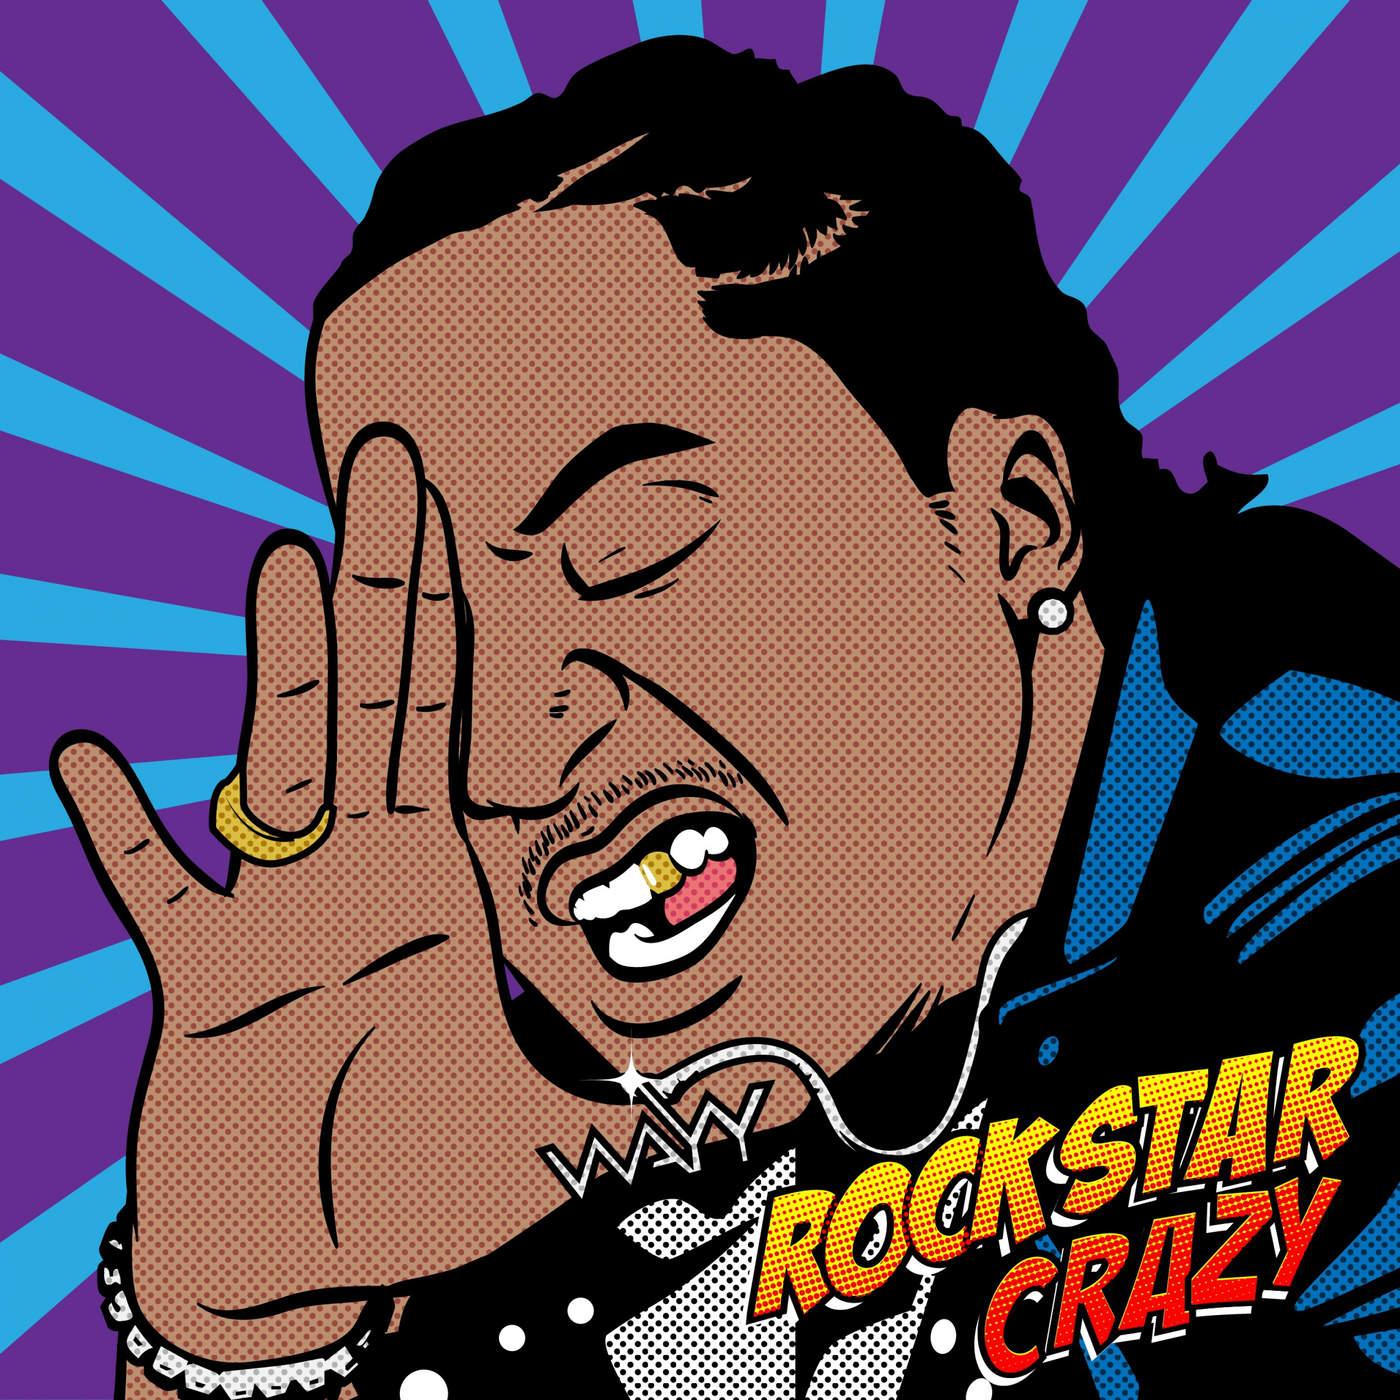 K CAMP - Rockstar Crazy - Single Cover